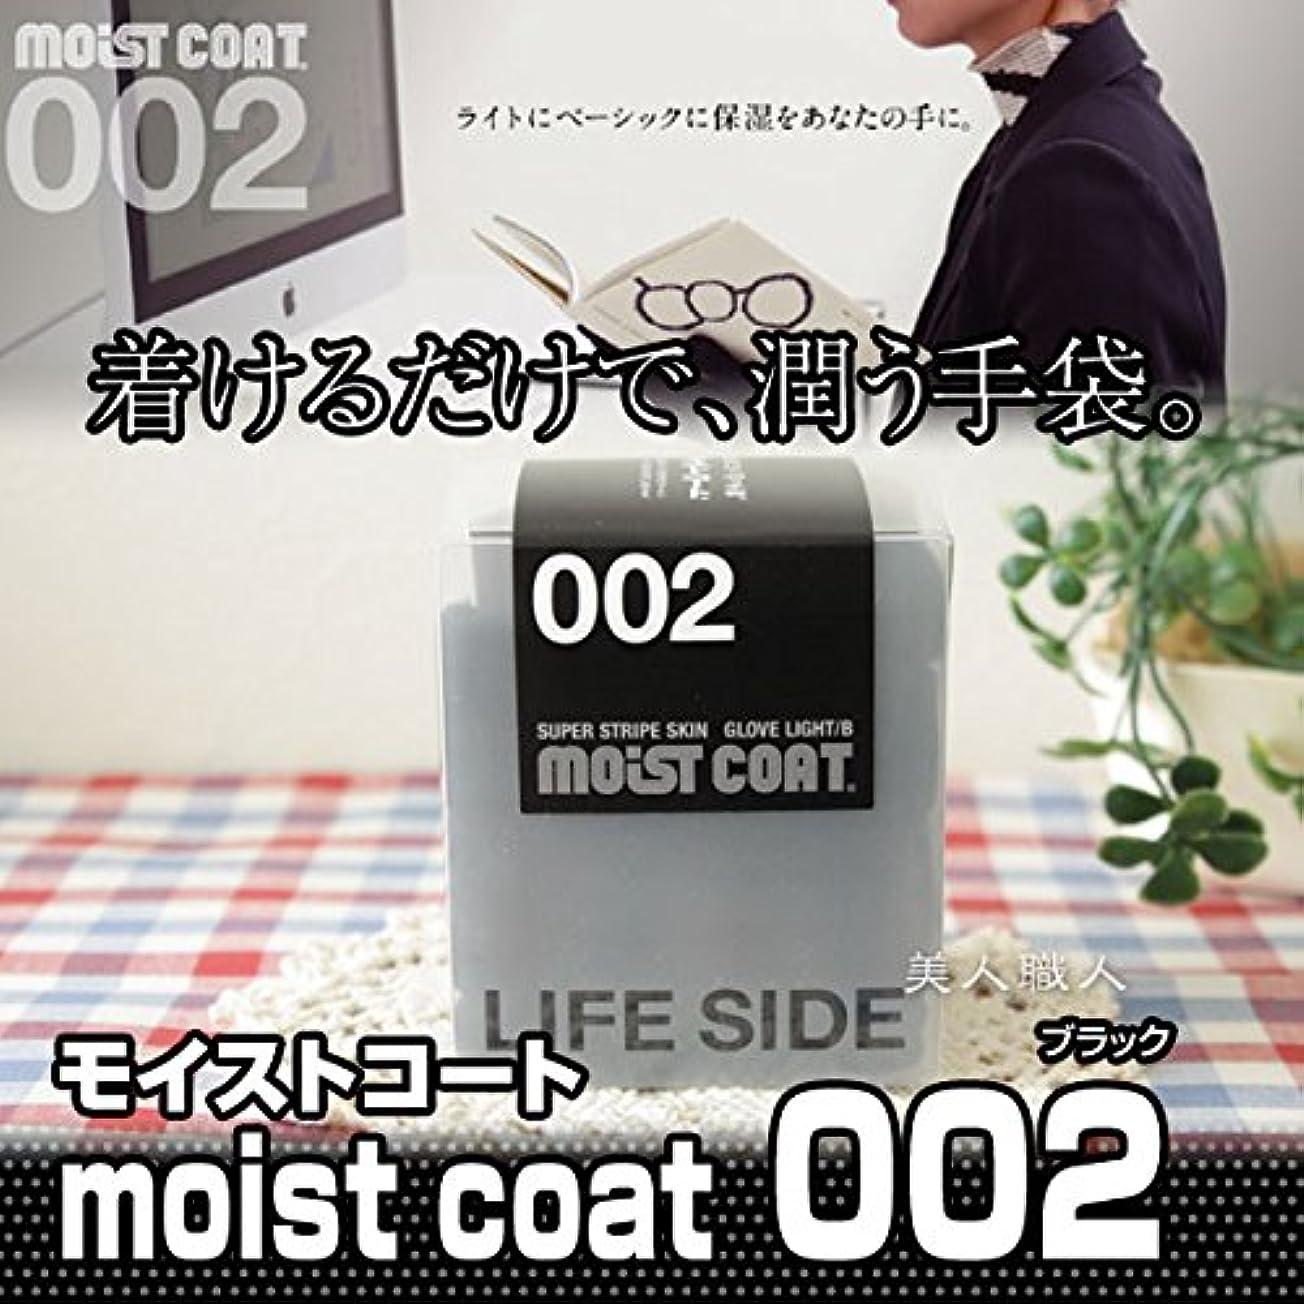 内部減らす同等のコラーゲン手袋 モイストコート002 ブラック